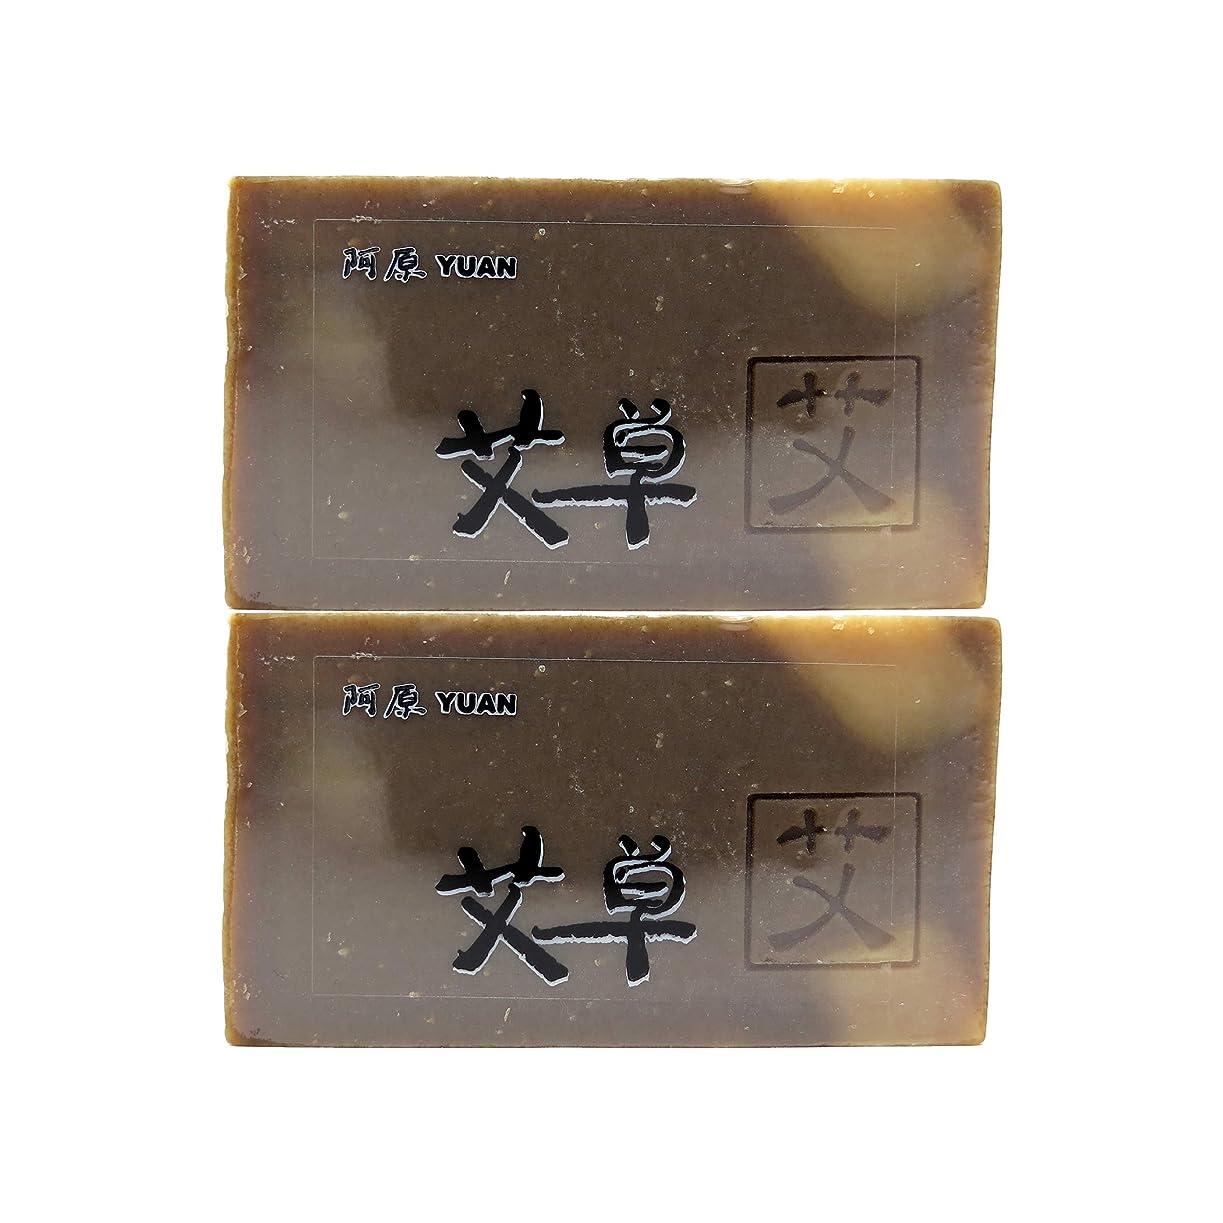 ユアン(YUAN) ヨモギソープ 100g (2個セット)